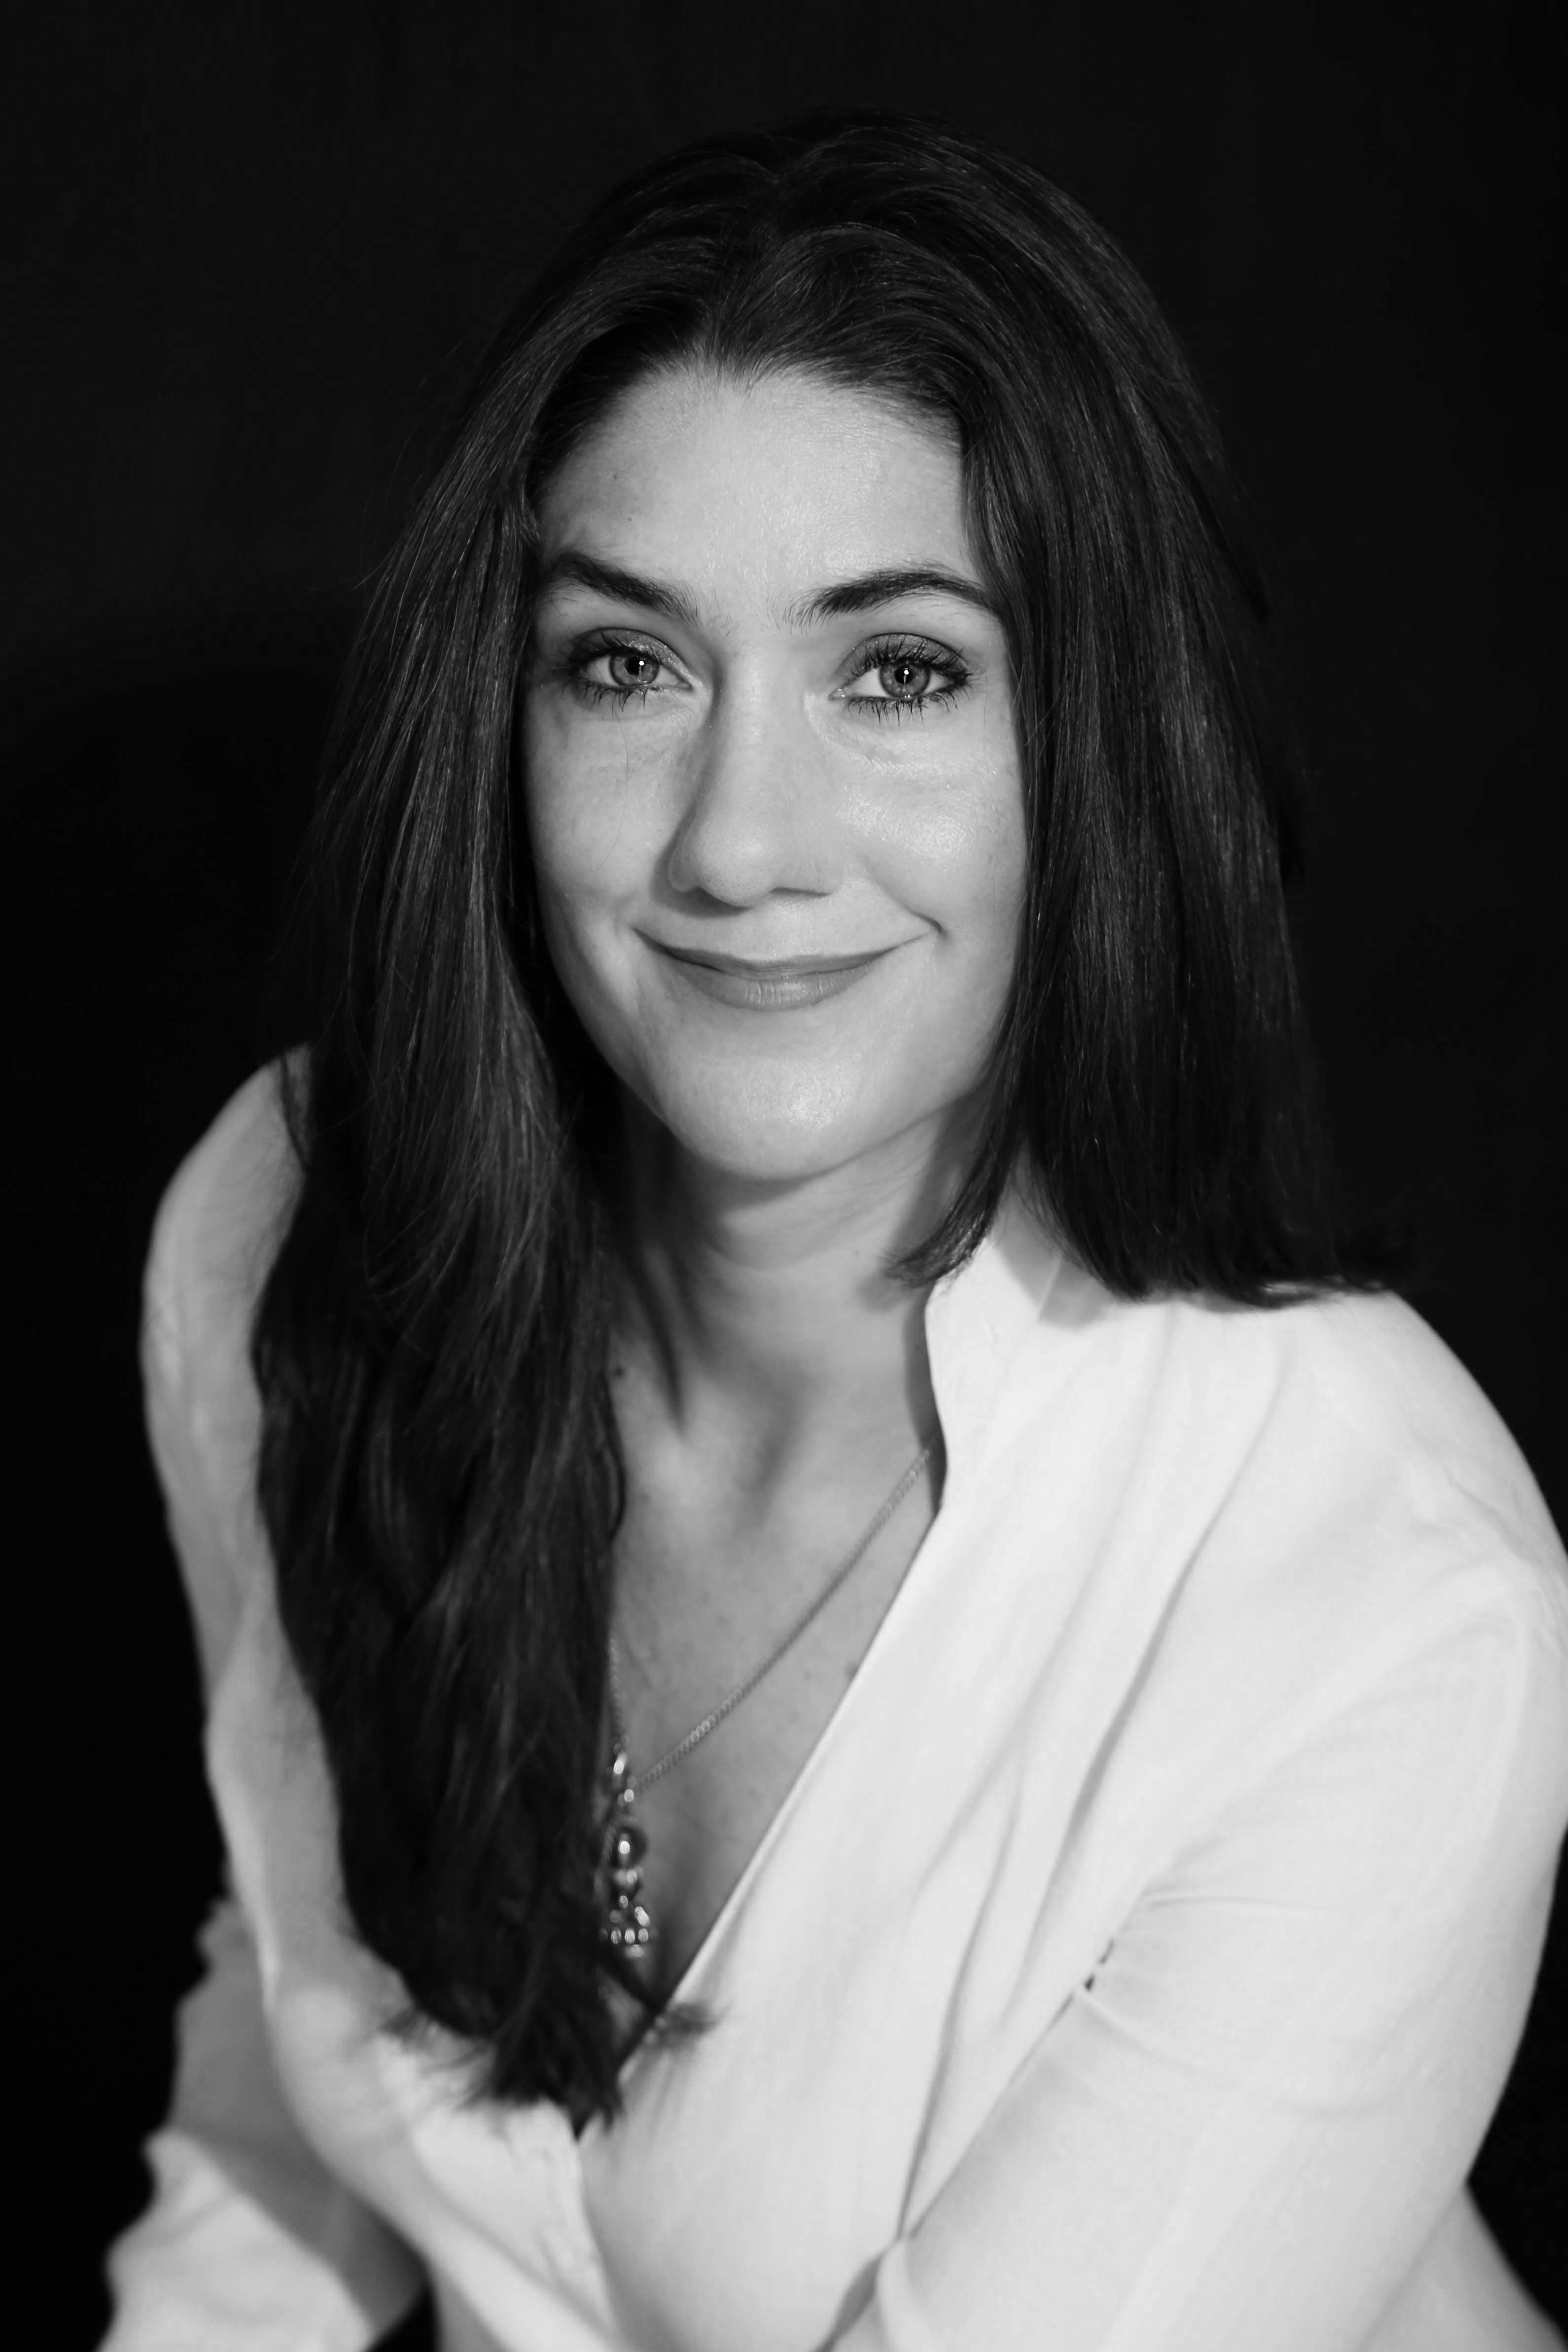 Melisa Valero